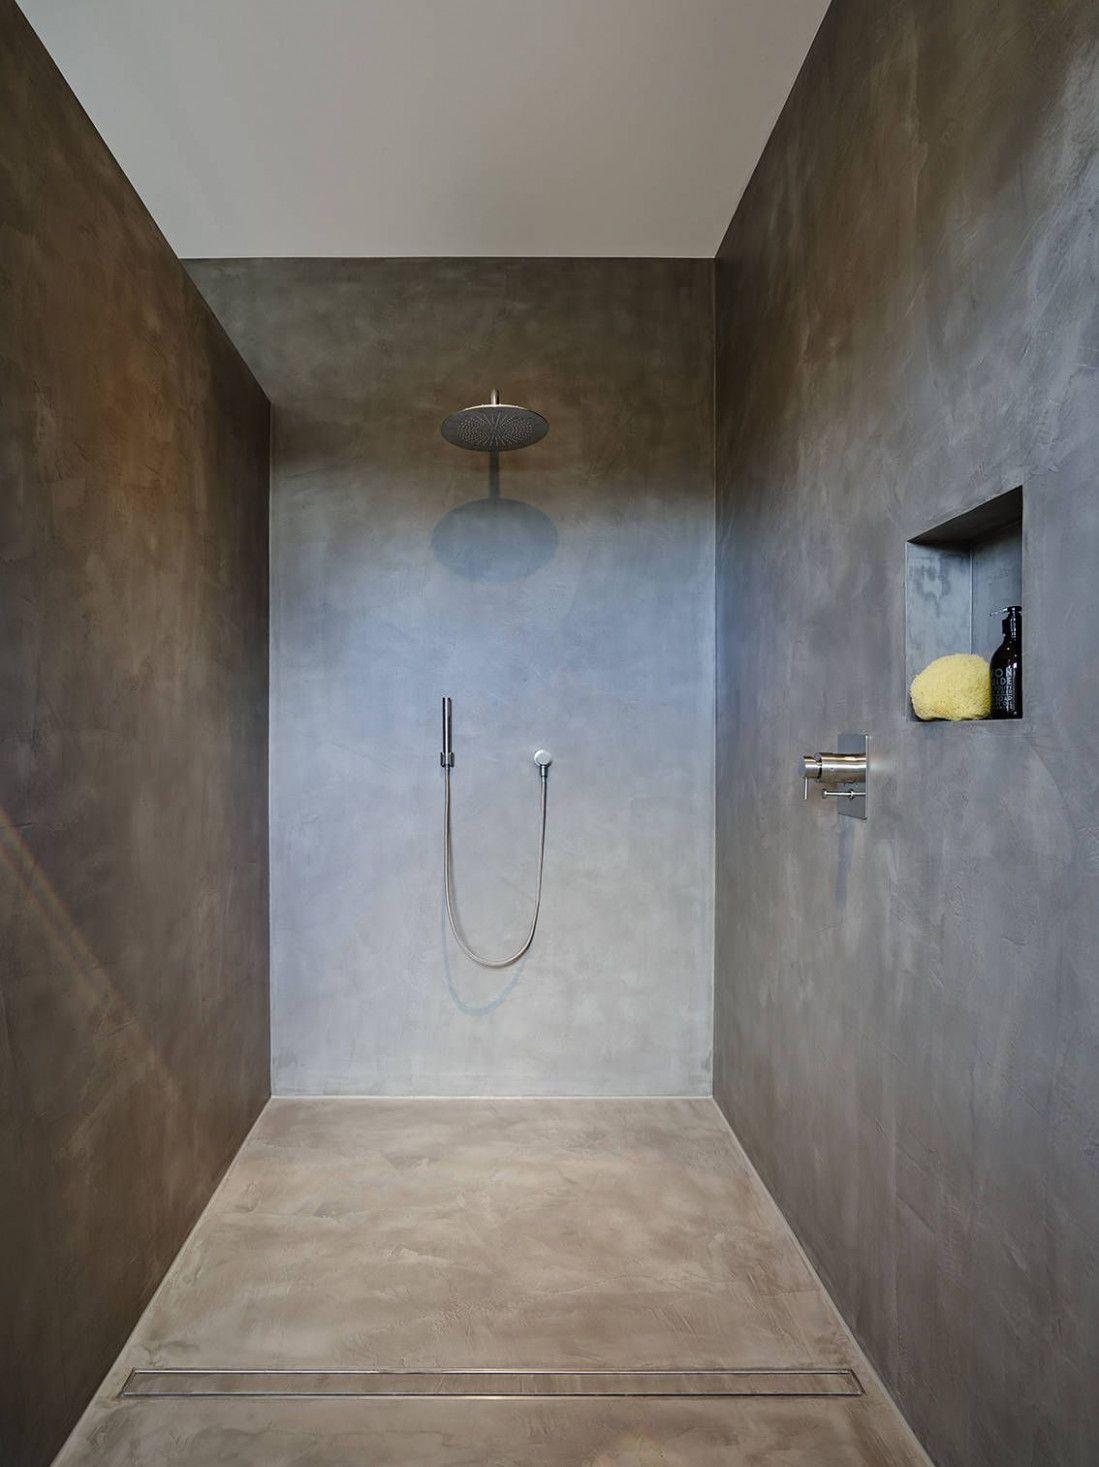 10 Arbeits Design Paderborn In 2020 Badezimmer Design Badezimmer Innenausstattung Kleines Bad Dekorieren